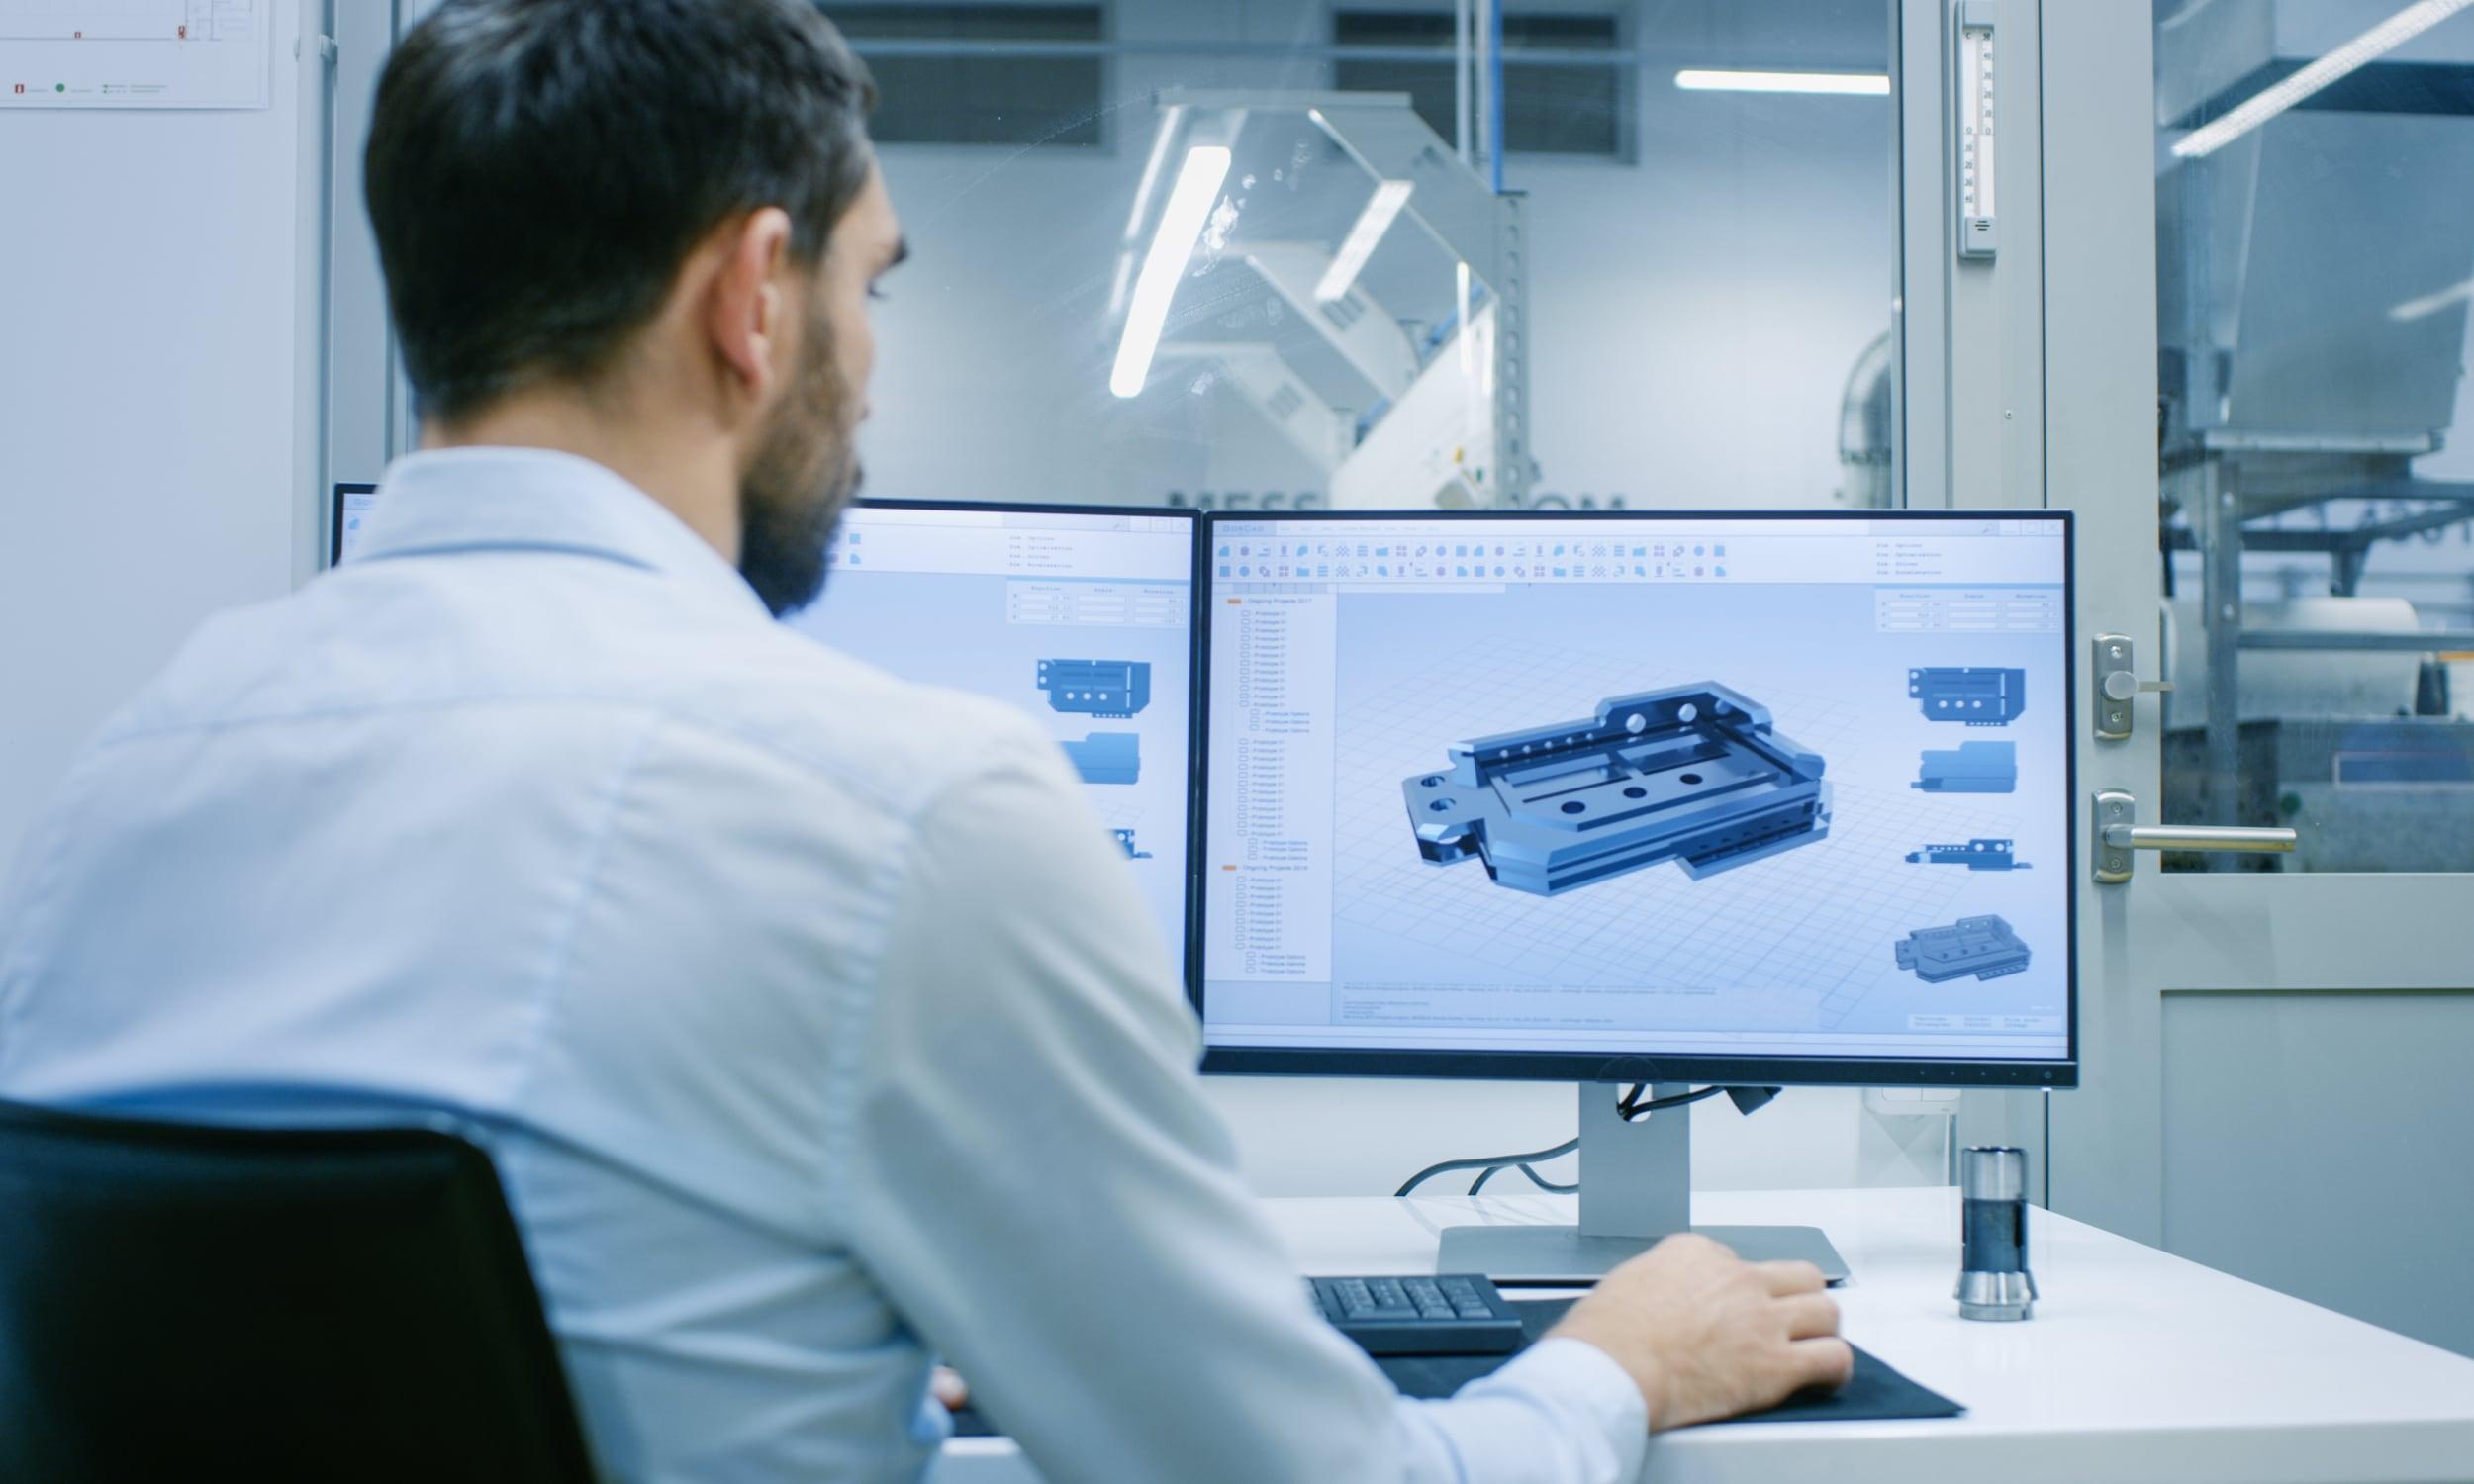 Migliorare processi produzione industriale